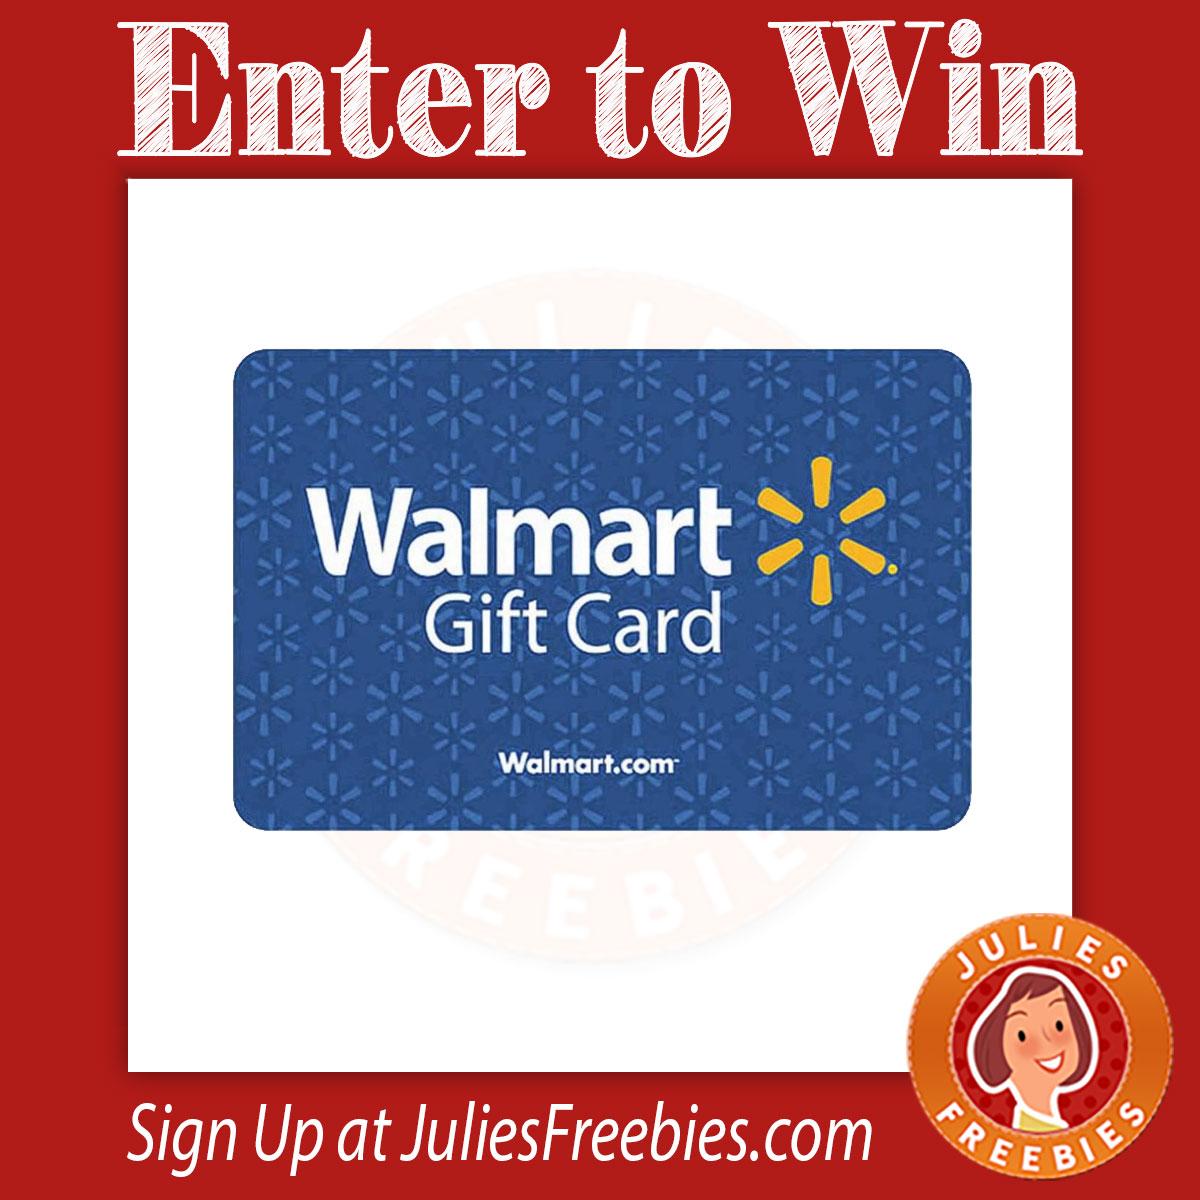 Win A $500 Walmart Gift Card